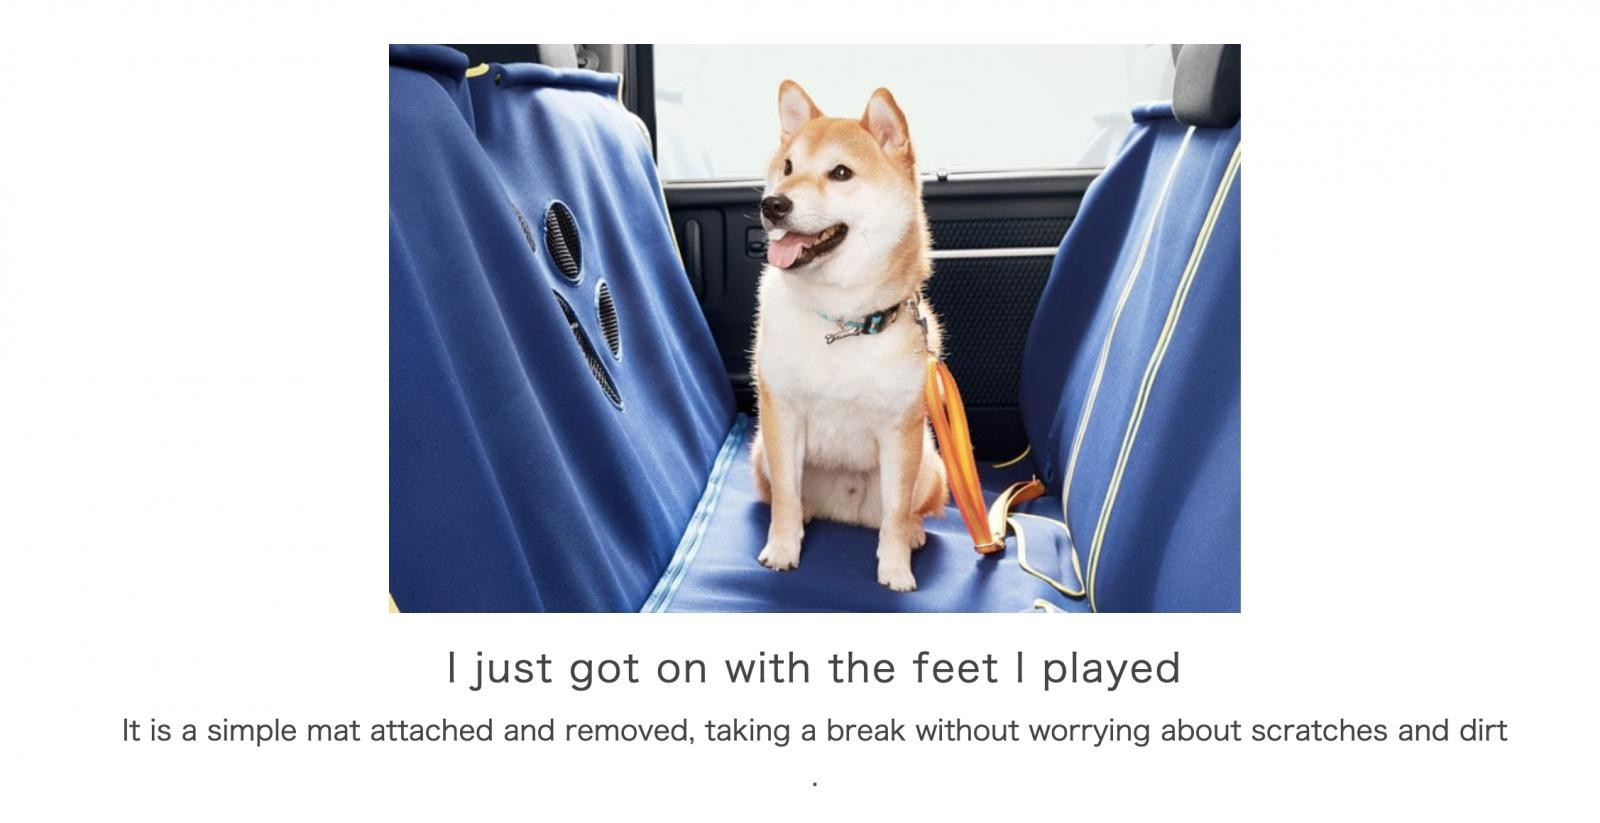 Với tẩm thảm chó Honda, bạn có thể cho chó lên xe mà không ngại bẩn